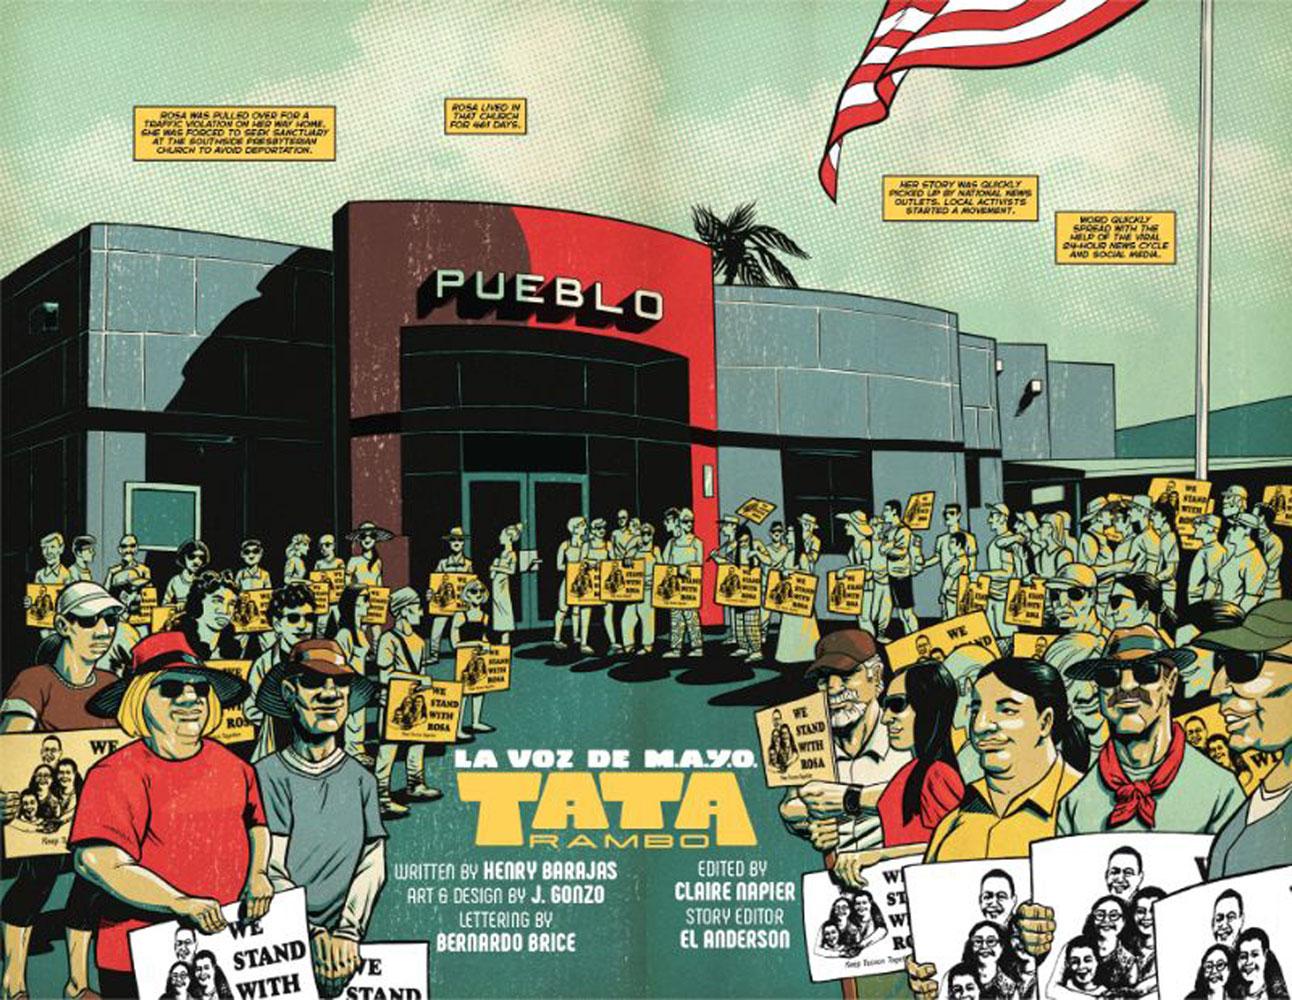 La Voz De M.A.Y.O.: Tata Rambo Vol. 01 SC  - Image Comics